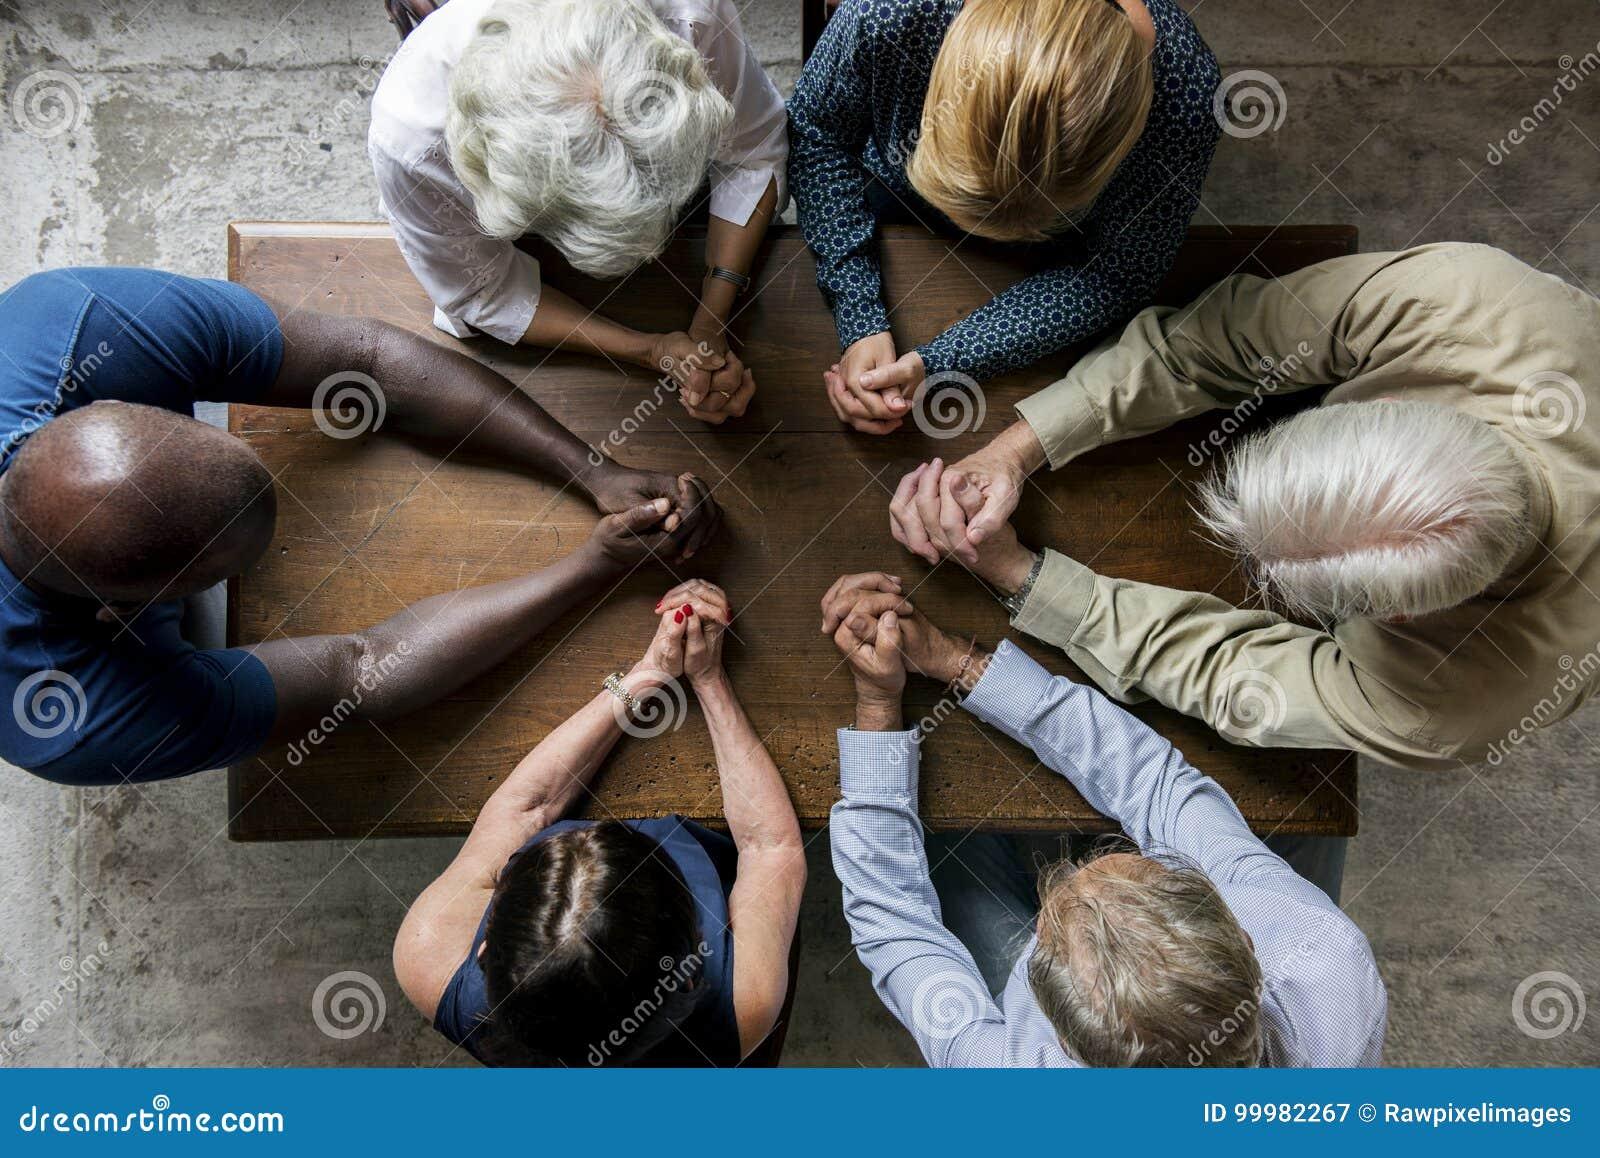 Gruppe betende Hoffnung der Christentumsleute zusammen